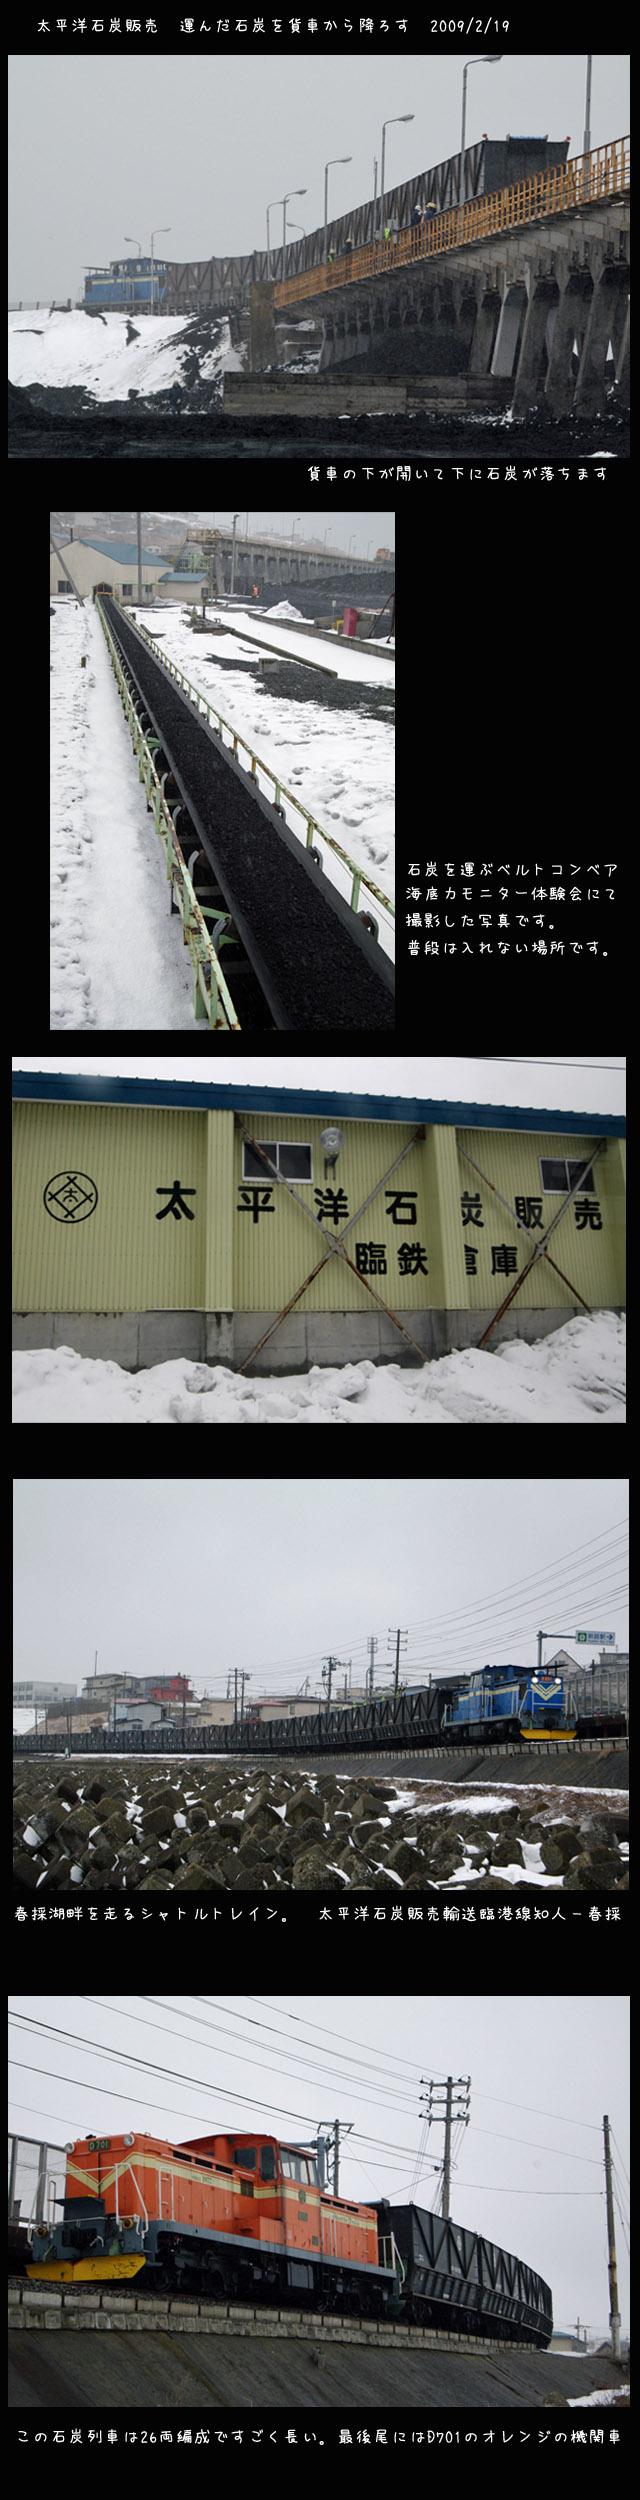 釧路海底力(そこぢから)モニター見学会_b0019313_1237999.jpg